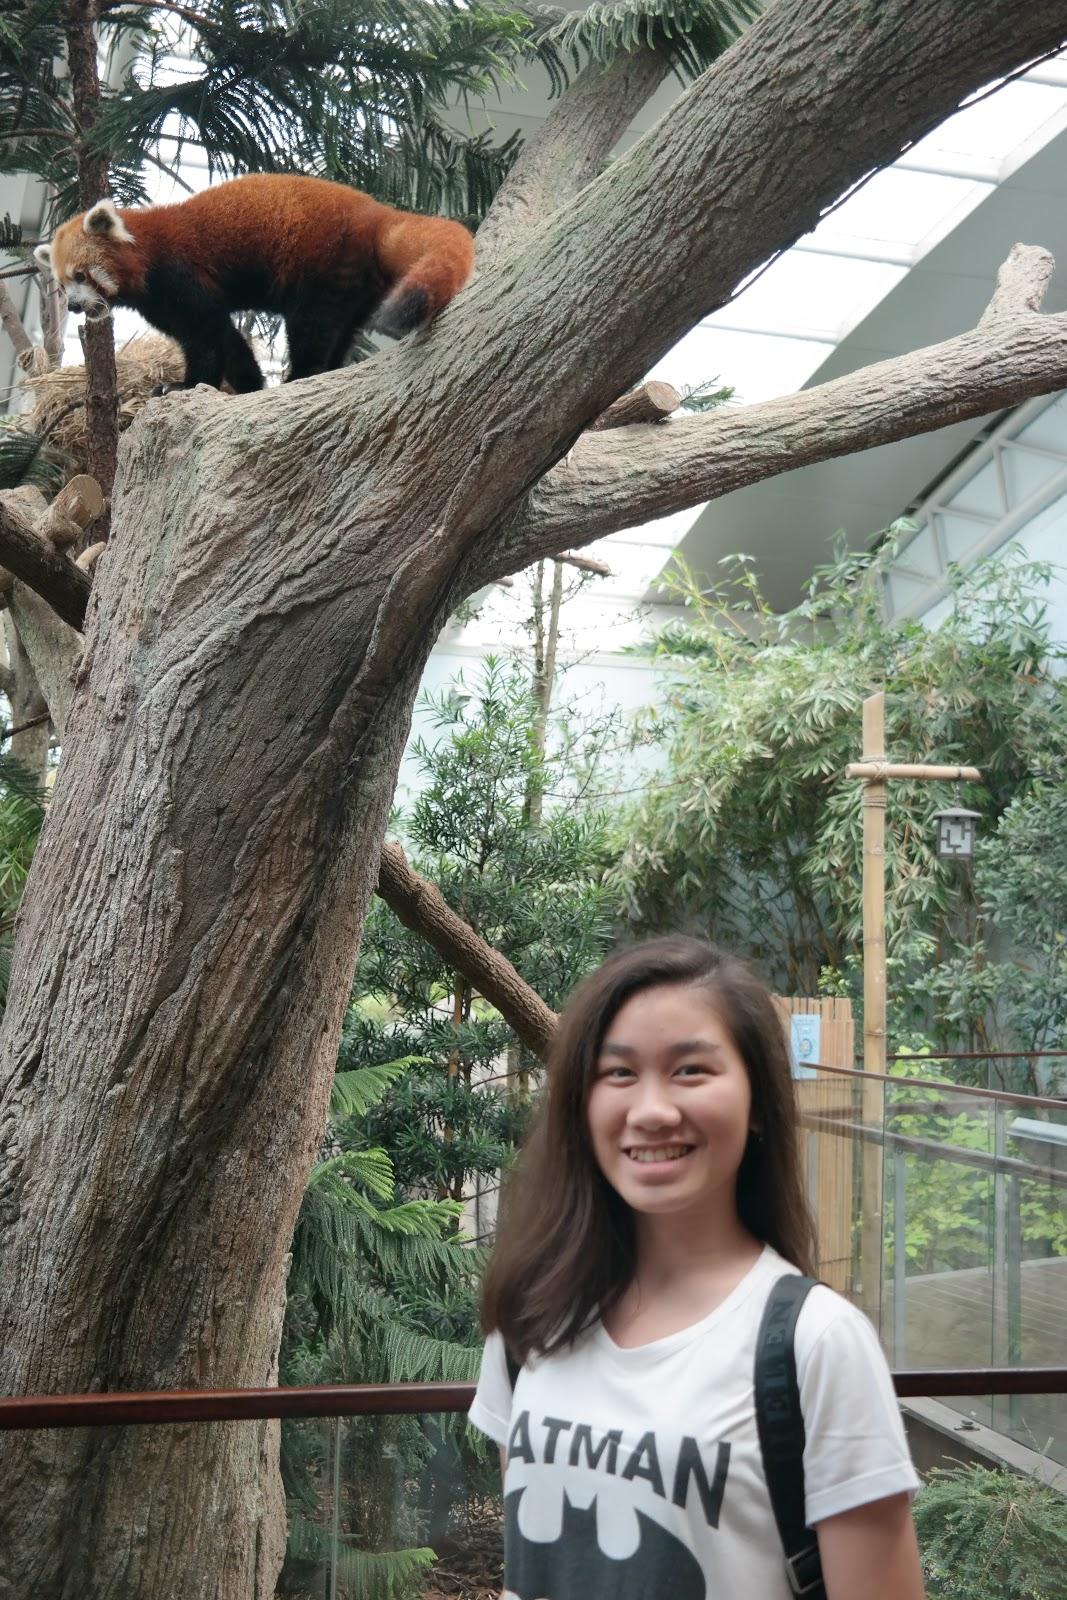 Sarah Puspitas Singapore Trip Feat Geng Hot In Cream River Safari Anak Amazon Quest Adalah Tujuan Kami Selanjutnya Sebenernya Ini Satu Satunya Alasan Gue Pingin Balik Lagi Ke